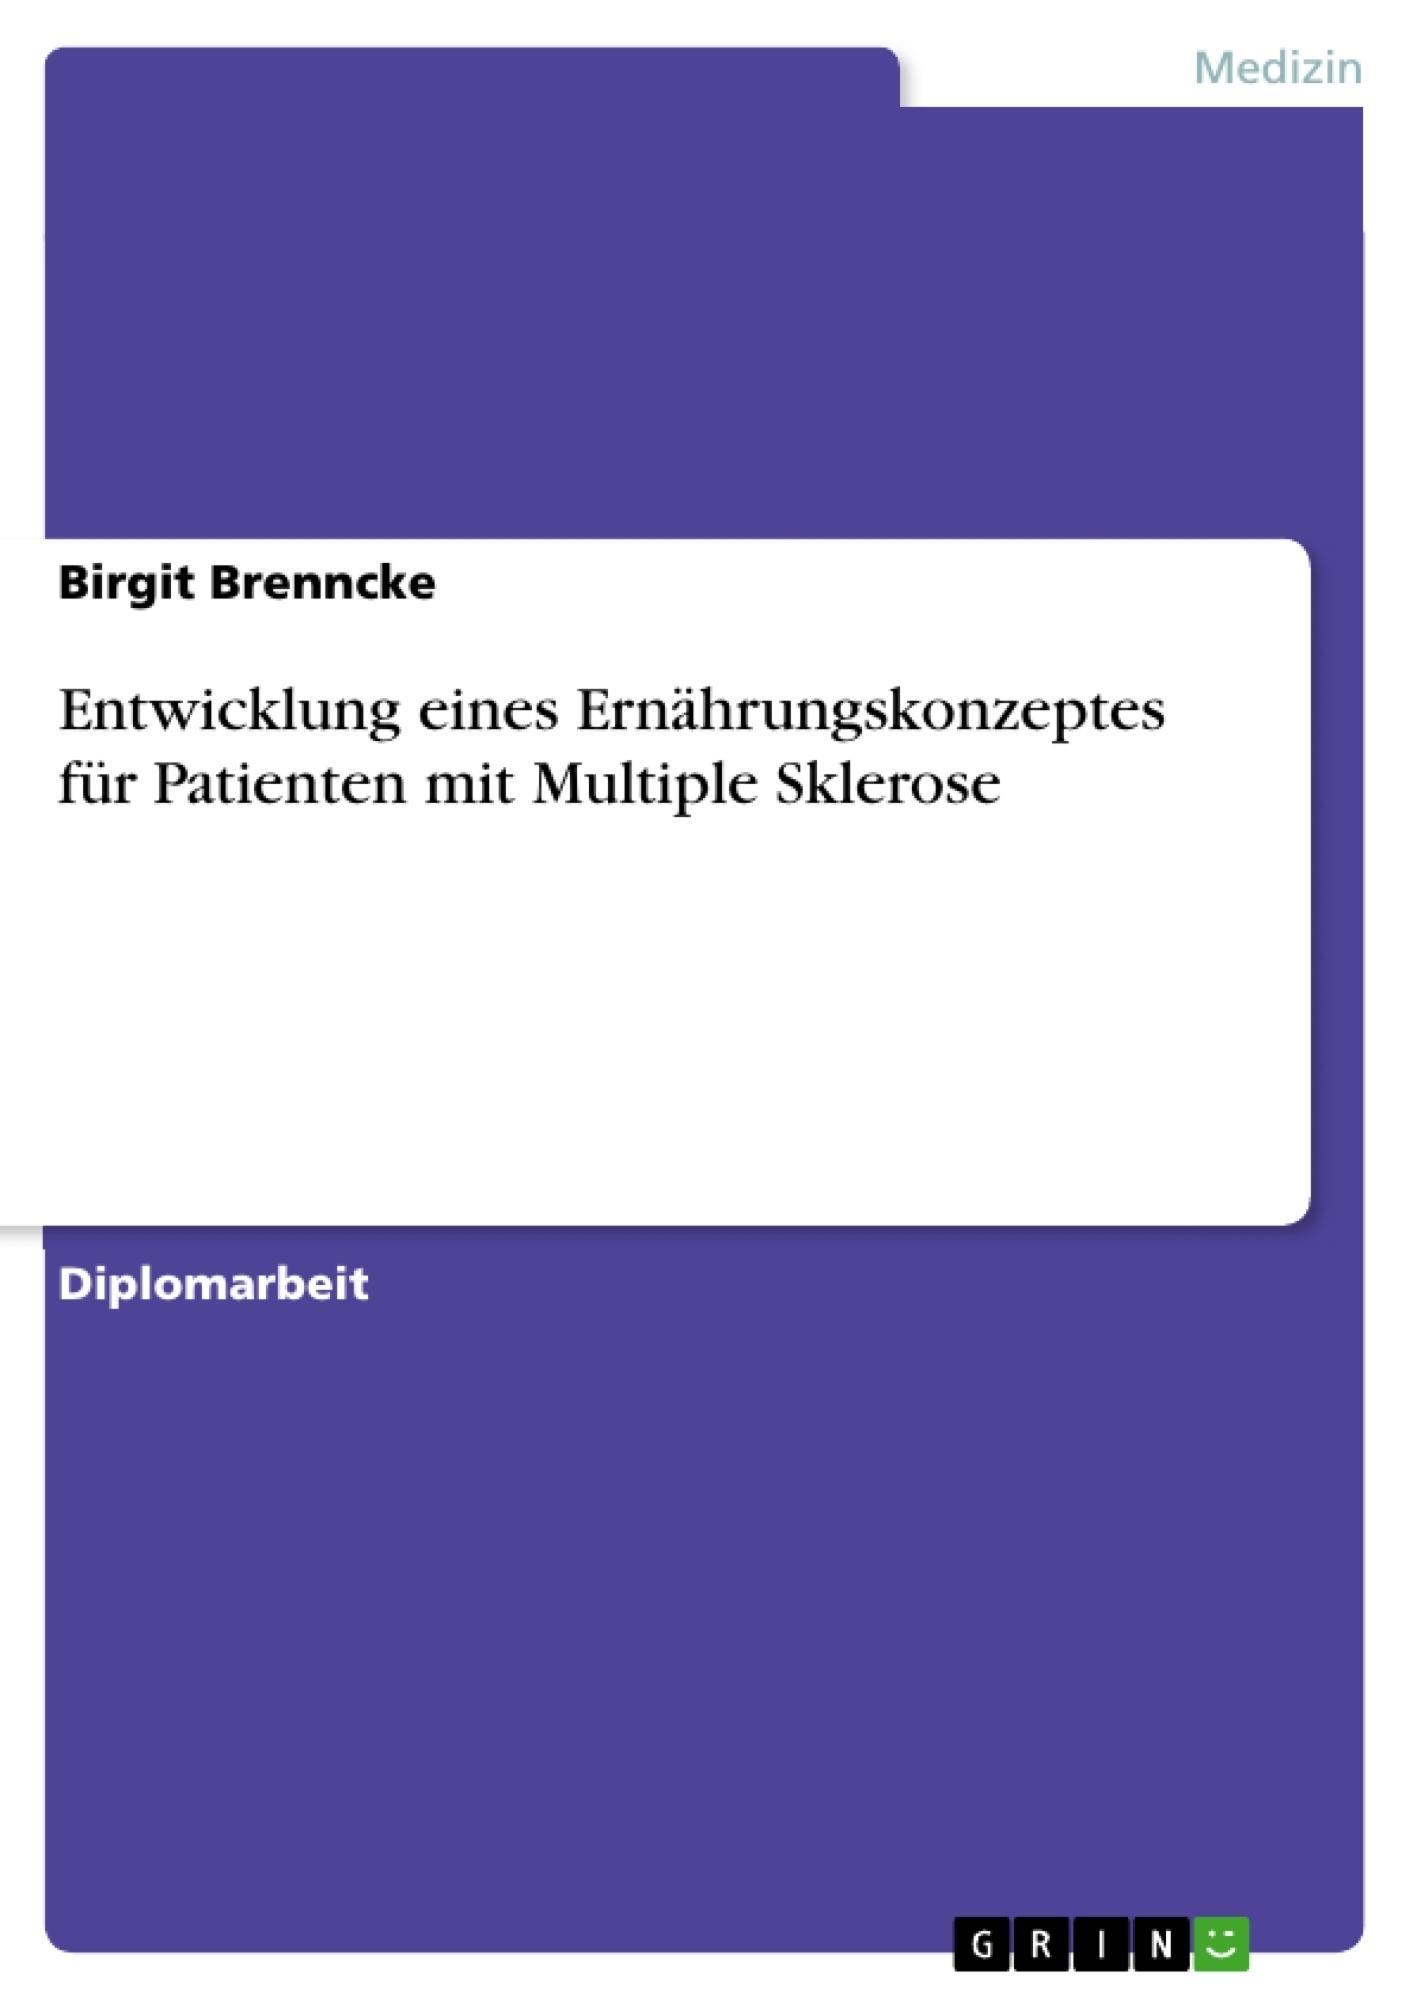 Titel: Entwicklung eines Ernährungskonzeptes für Patienten mit Multiple Sklerose